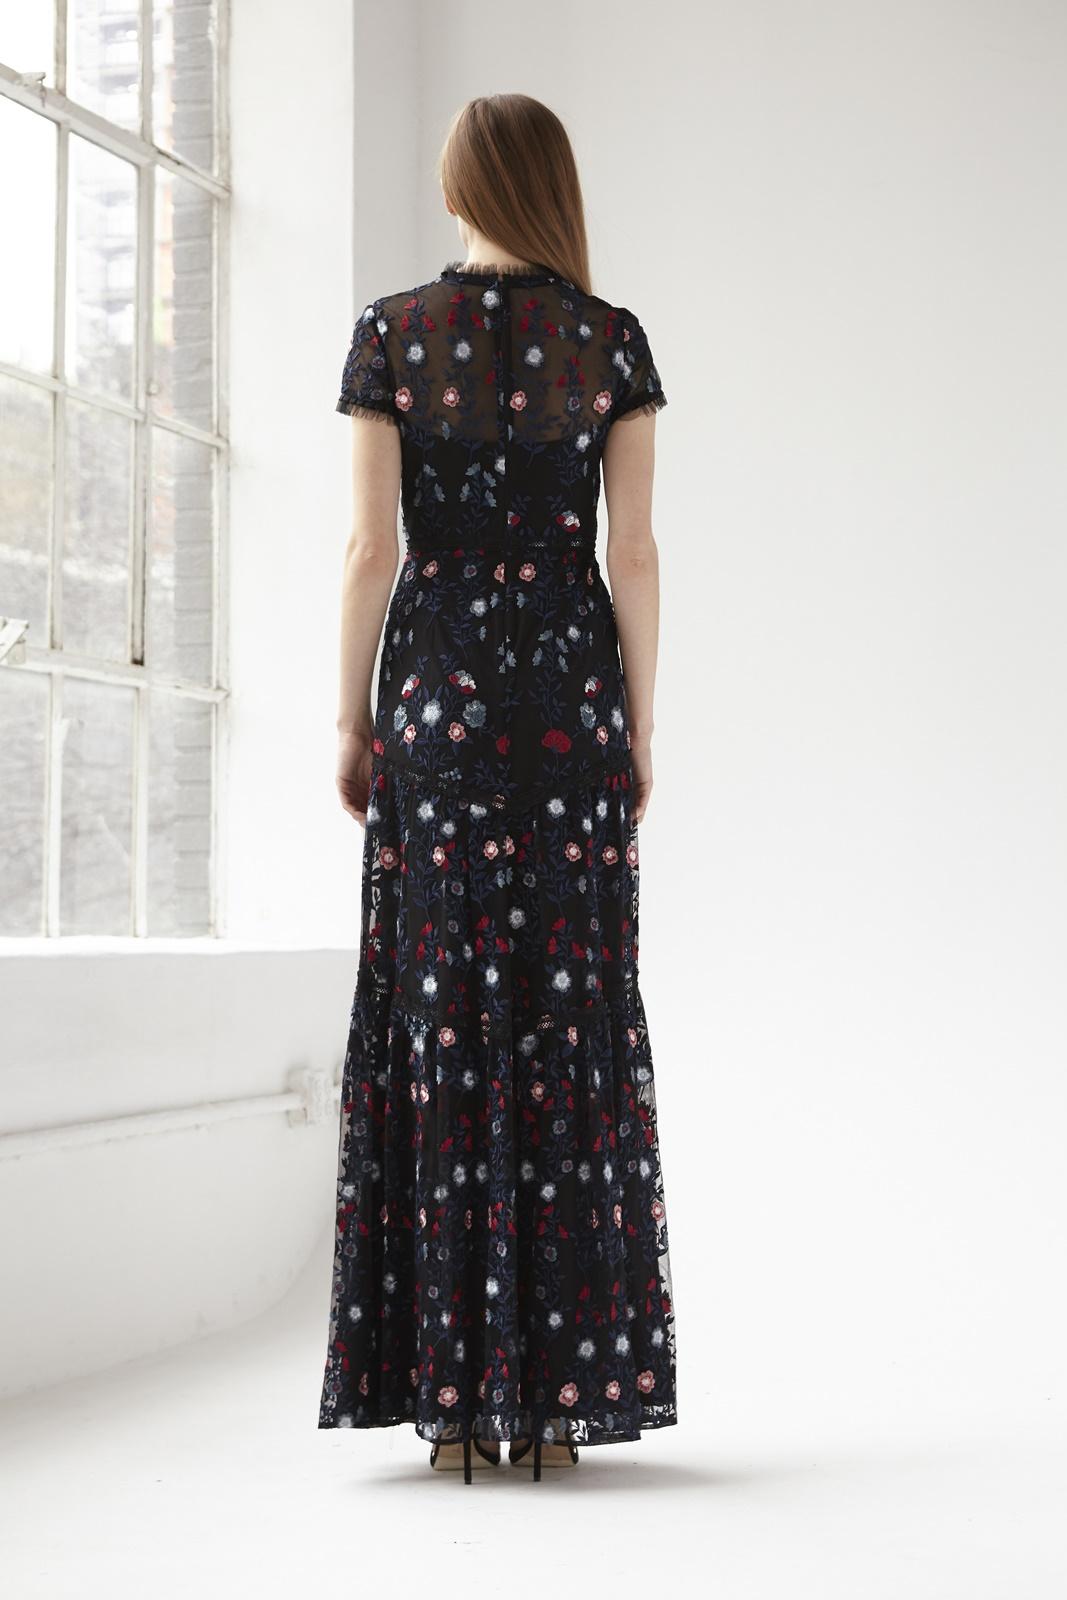 ブラックベースにネイビーや赤の刺繍が施された結婚式やパーティーにおすすめのおしゃれなエムエル・モニーク・ルイリエ(ML Monique Lhuillier)のロングドレス